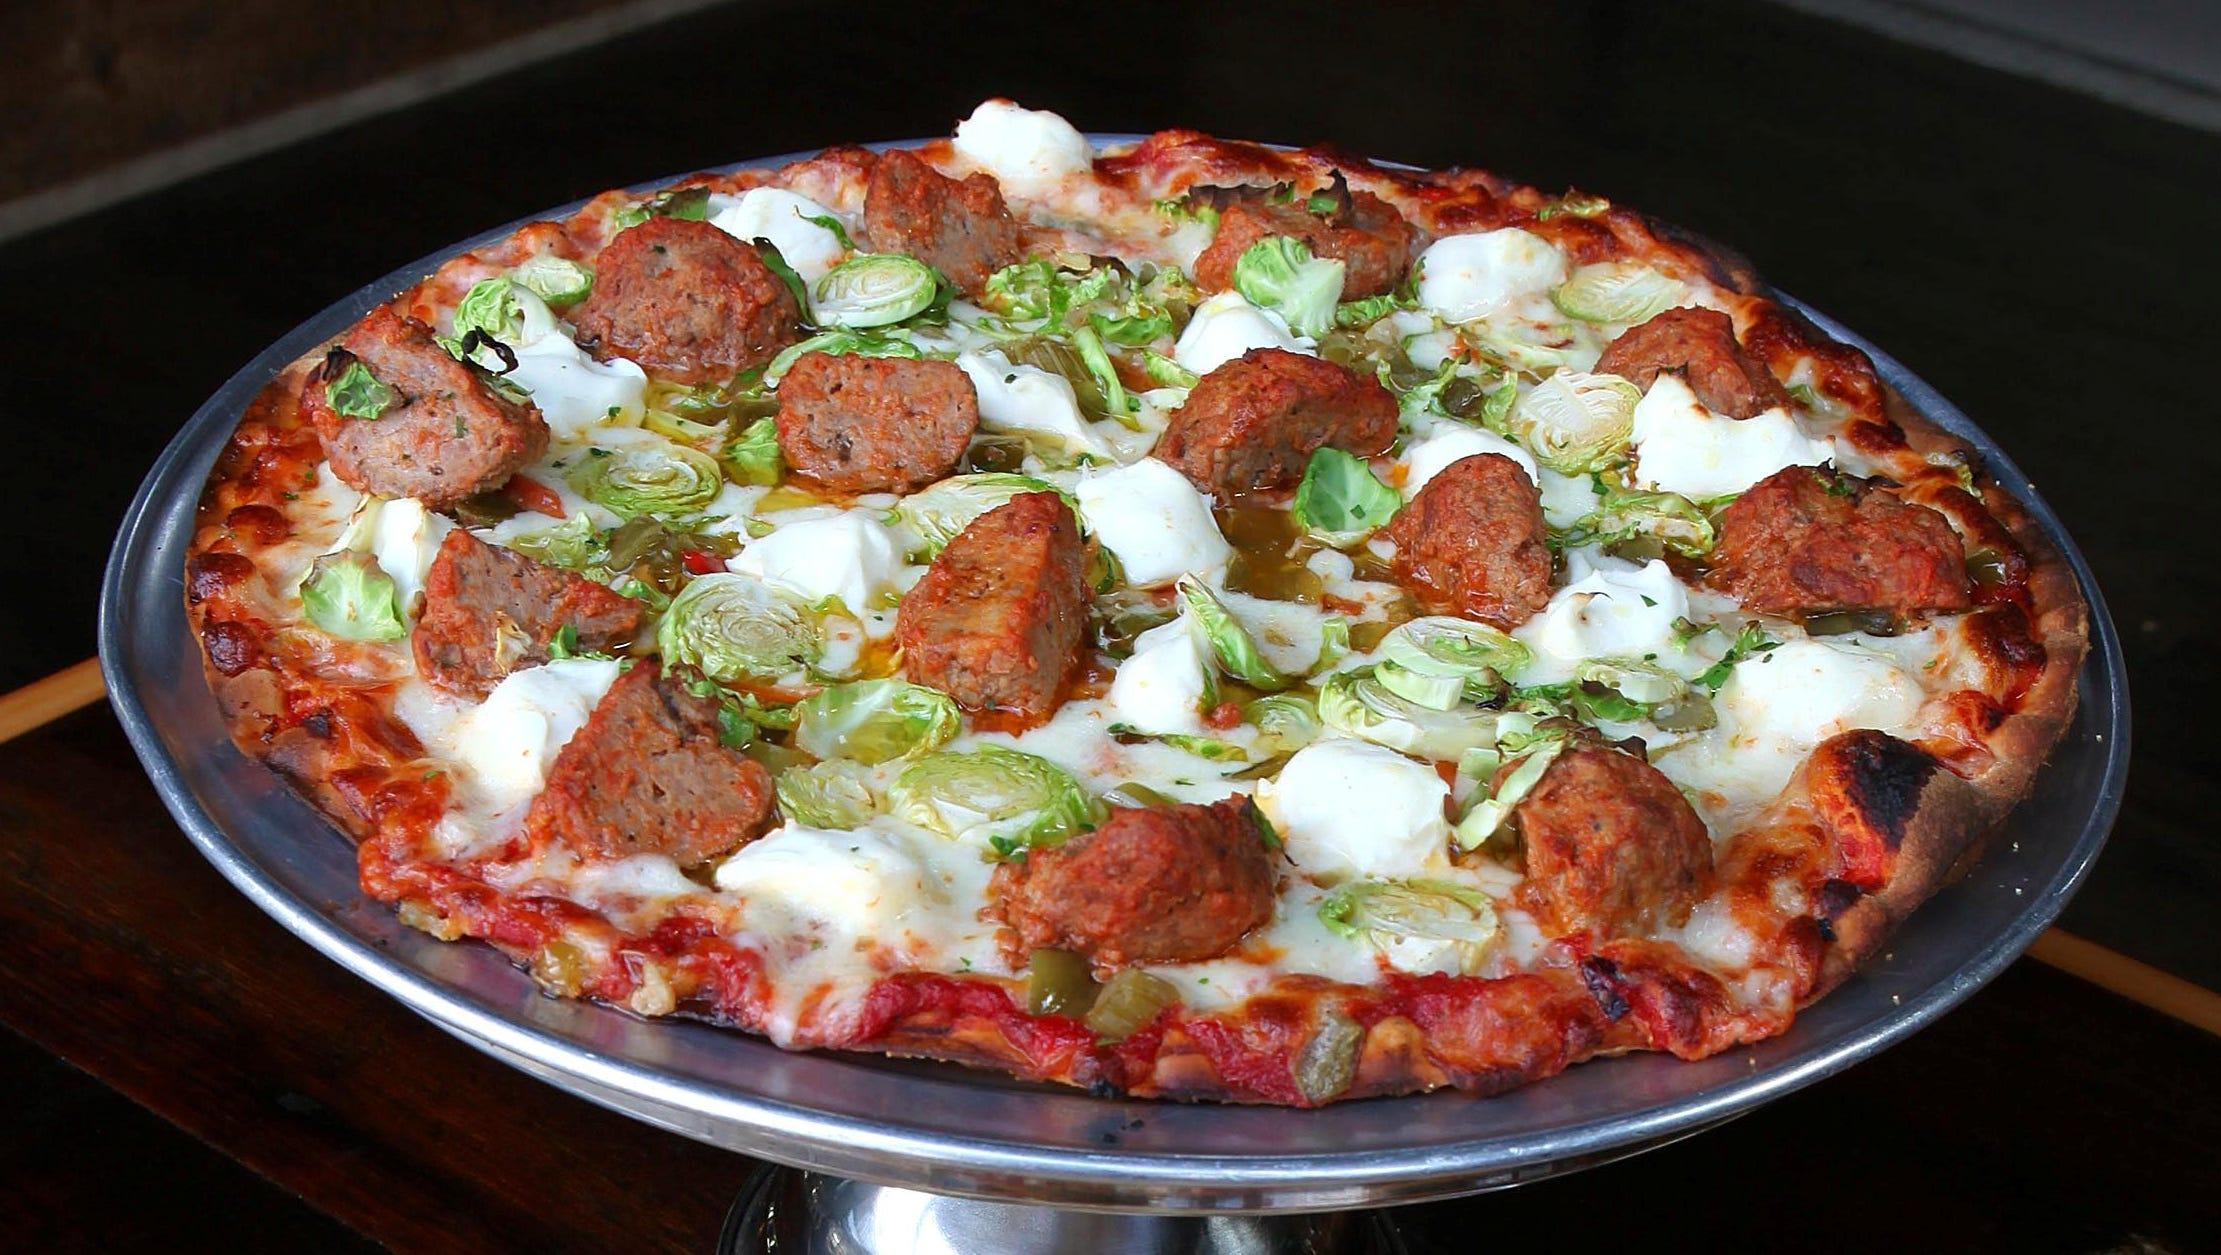 Pizza Man In Tosa Oak Creek Adds Lunch Buffet